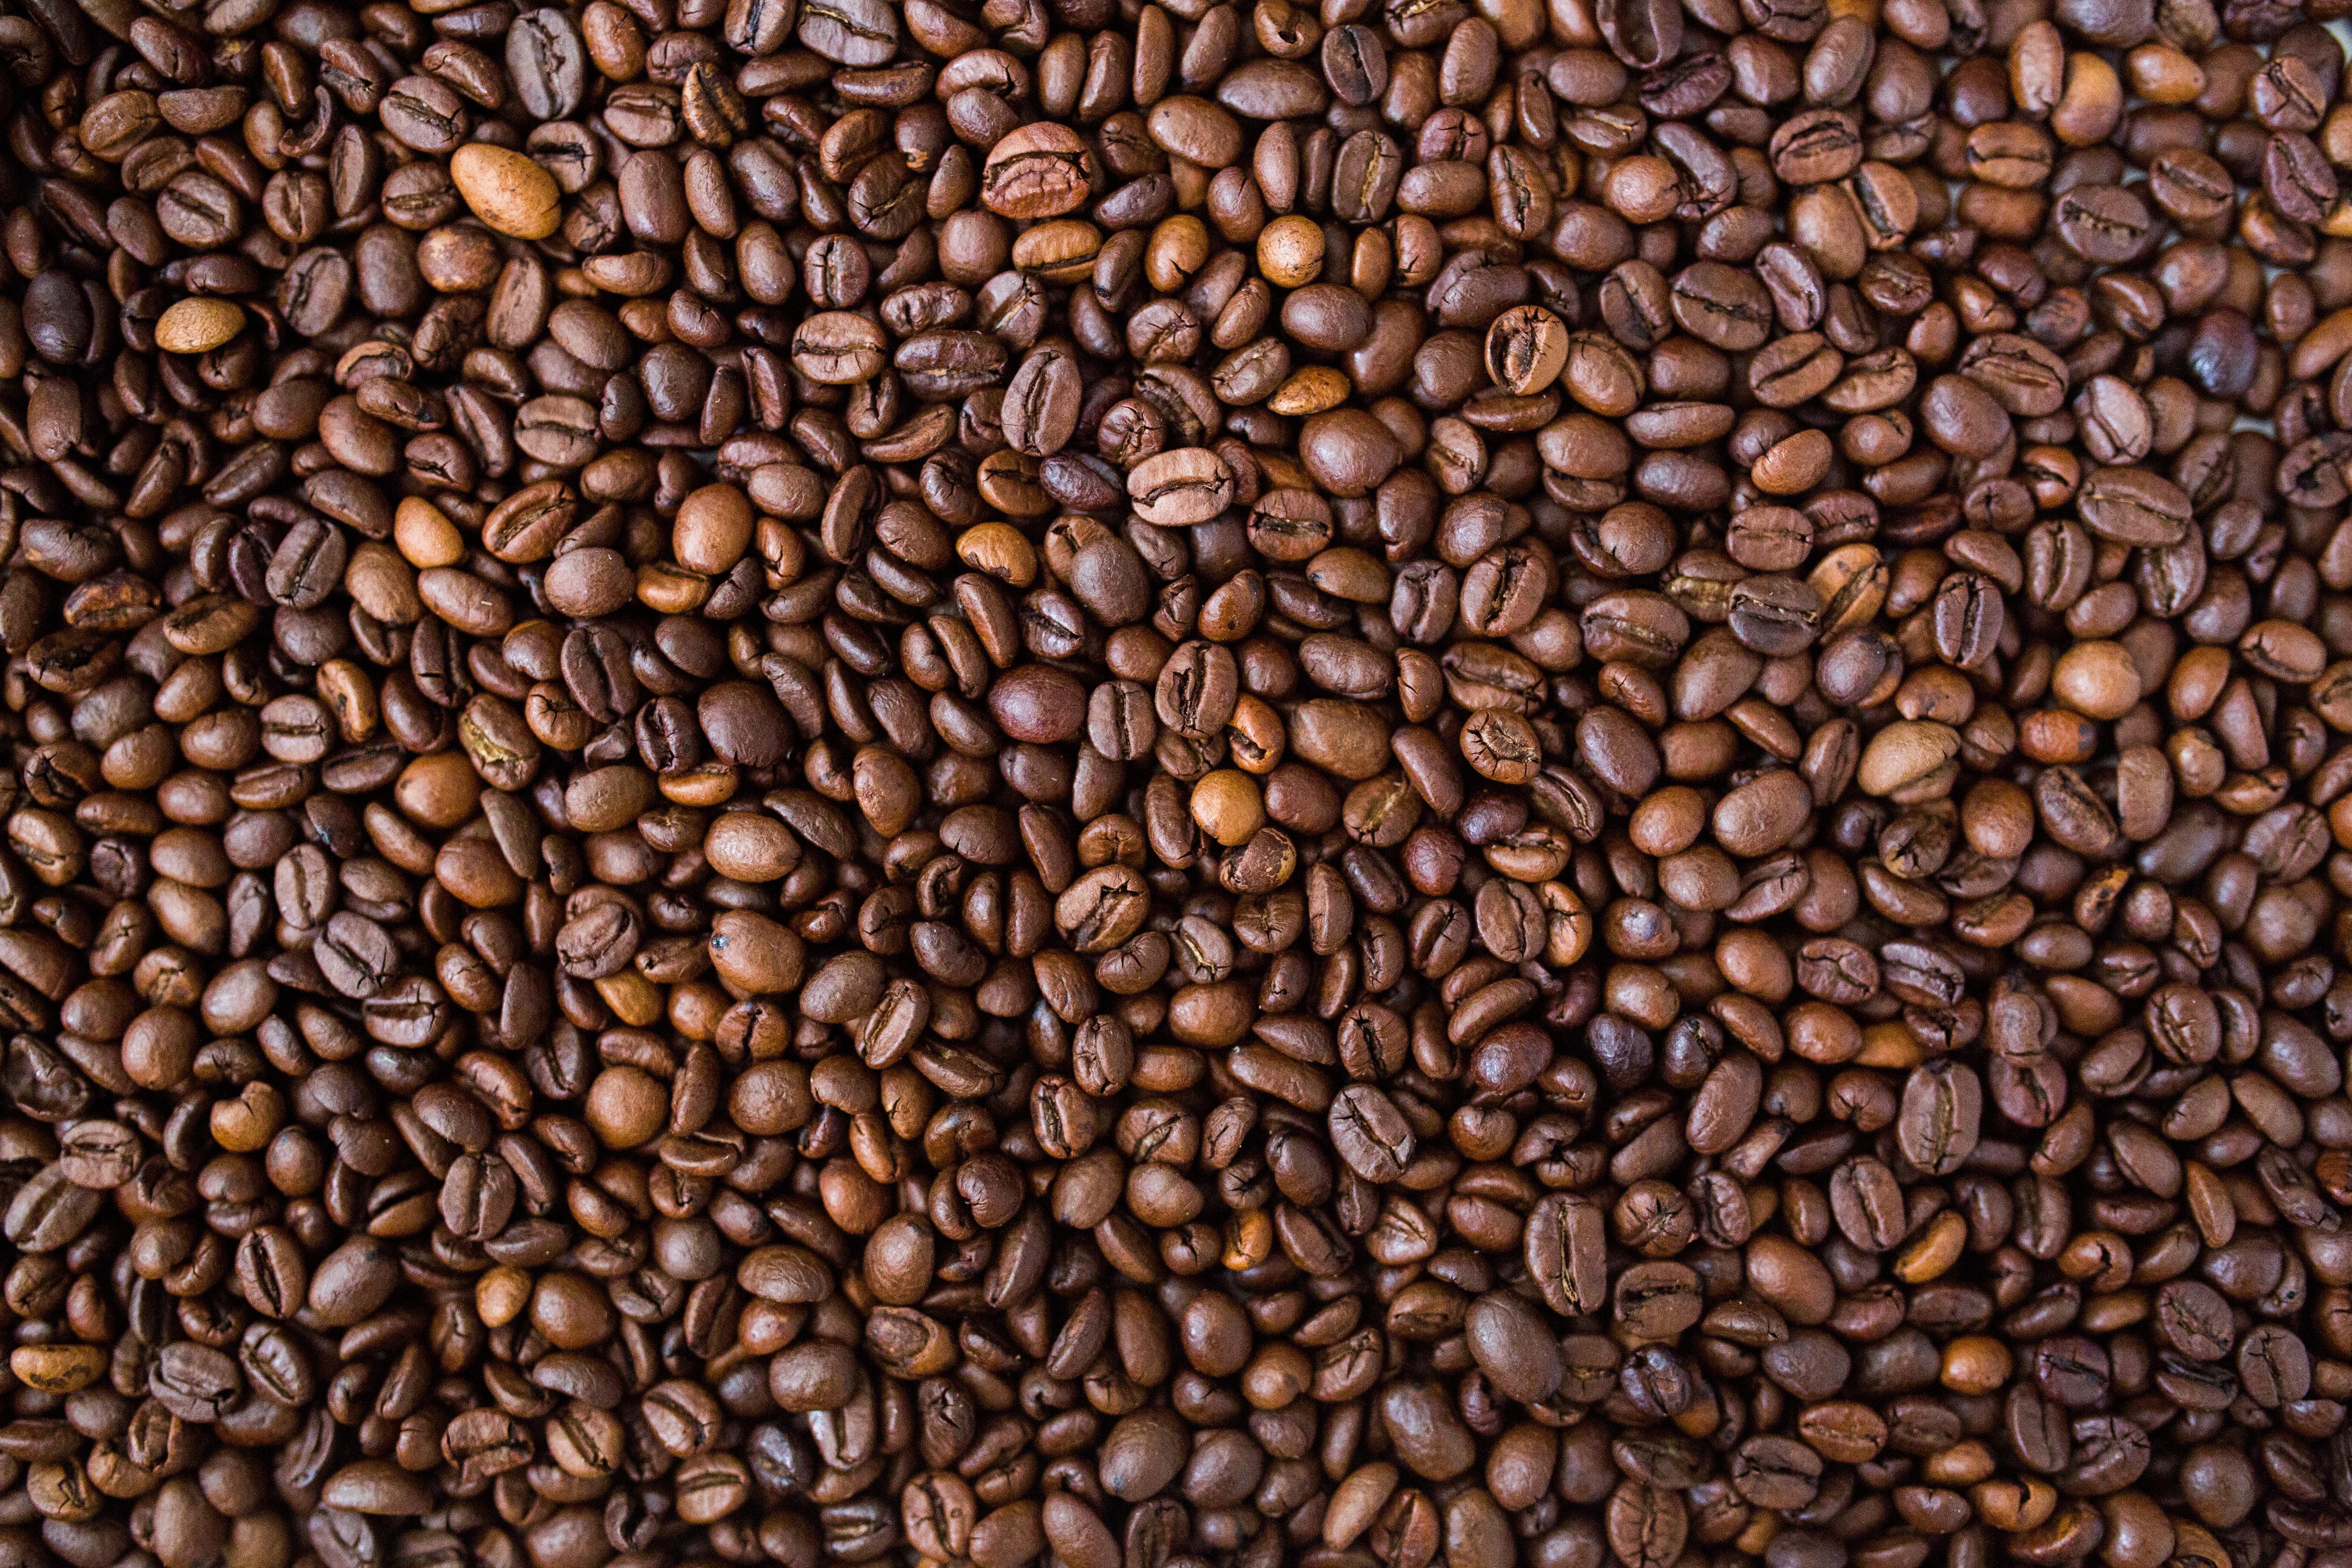 Free Coffee Stock Photos 183 Pexels 183 Free Stock Photos